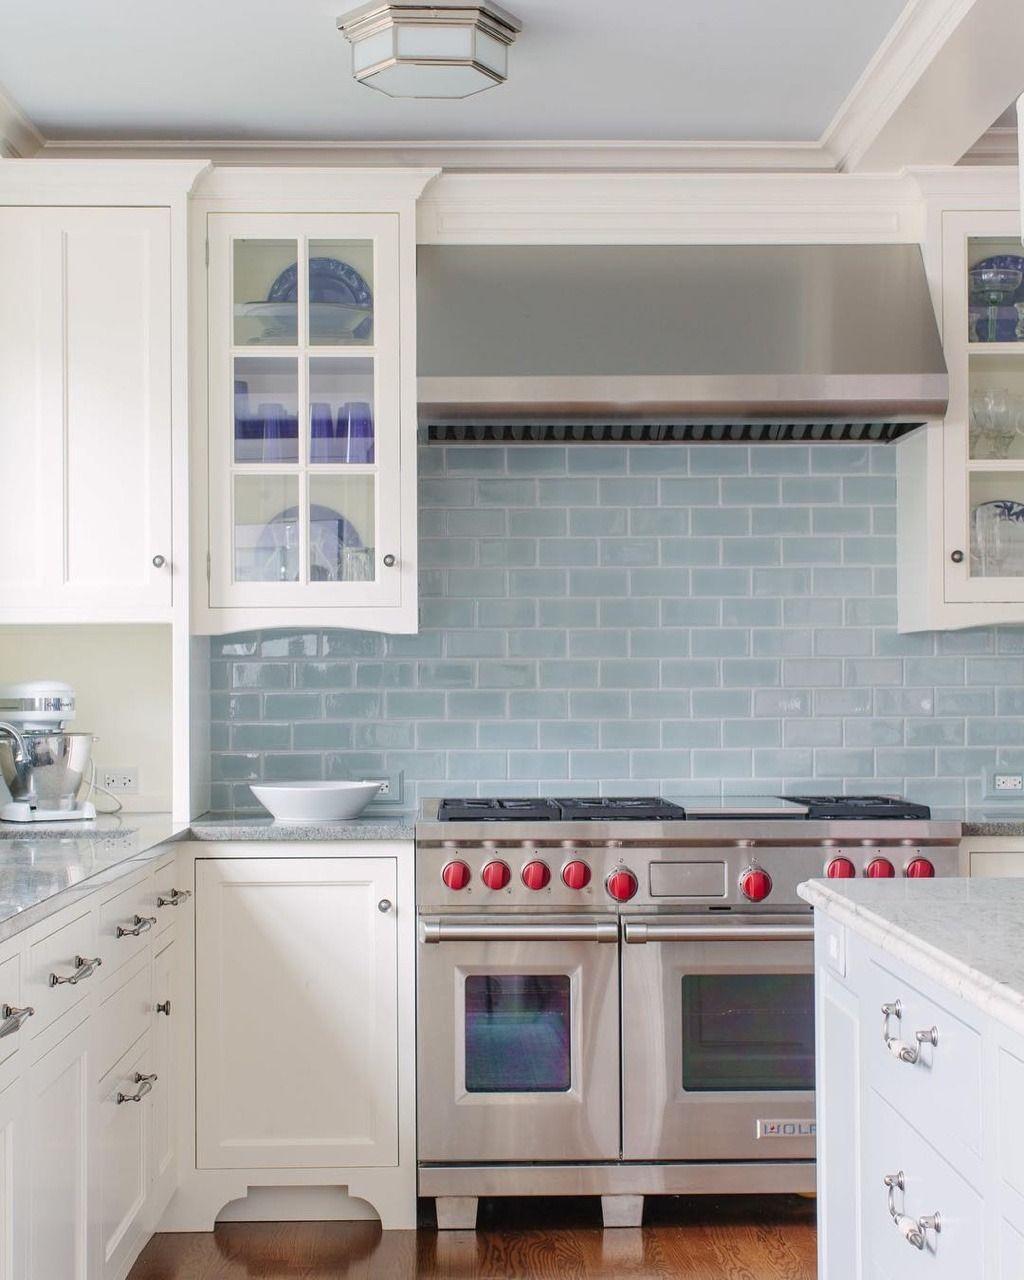 Inneneinrichtung Homedecor Interiordesign Blue Backsplash Kitchen Blue Tile Backsplash Kitchen White Modern Kitchen